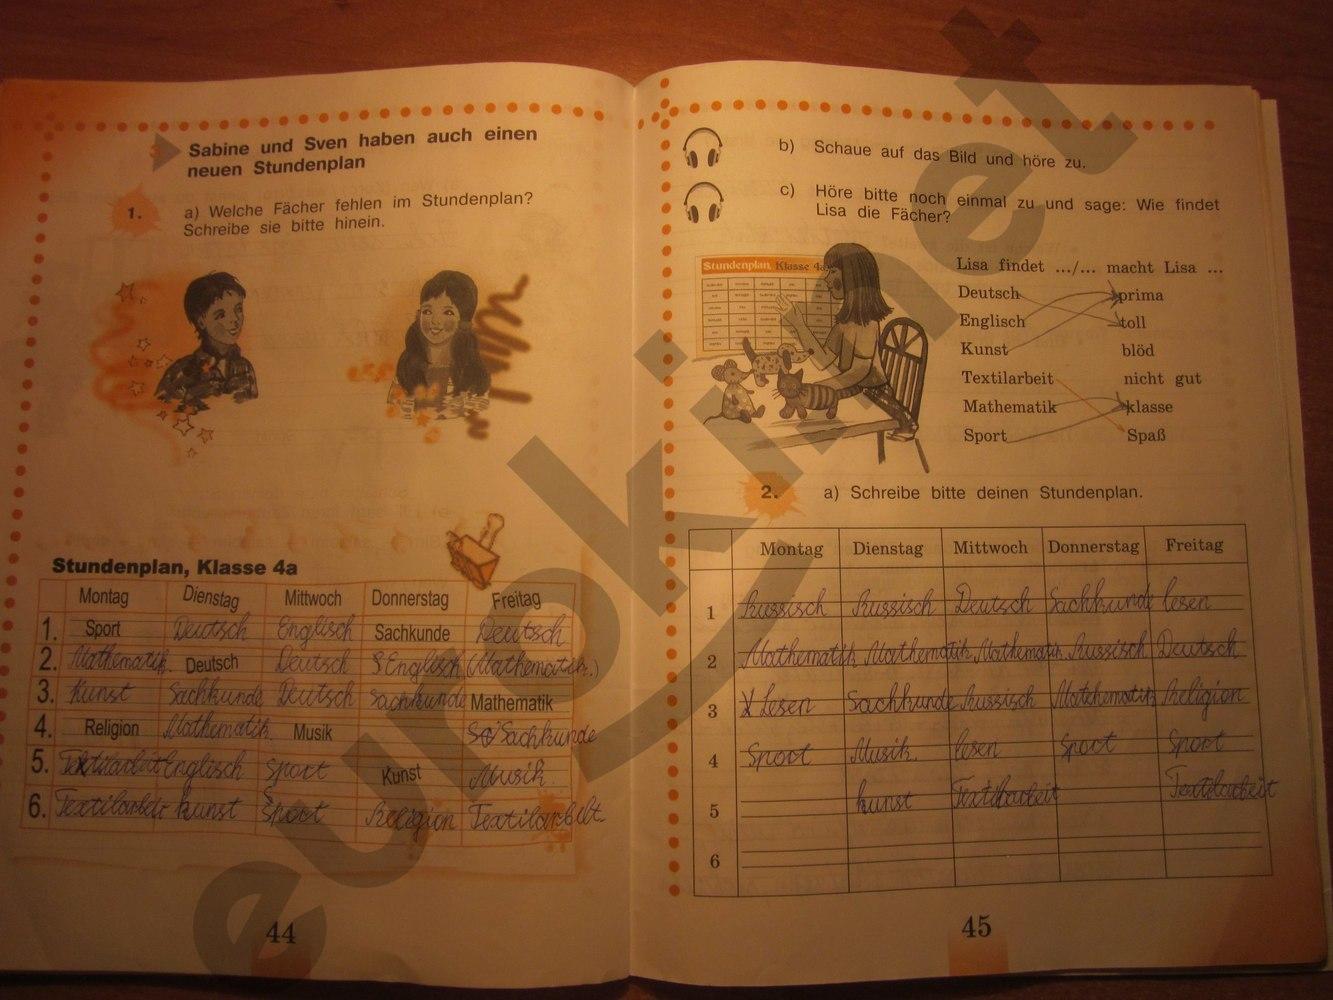 ГДЗ по немецкому языку 4 класс рабочая тетрадь Бим И.Л., Рыжова Л.И. Часть 1. Задание: стр. 44-45